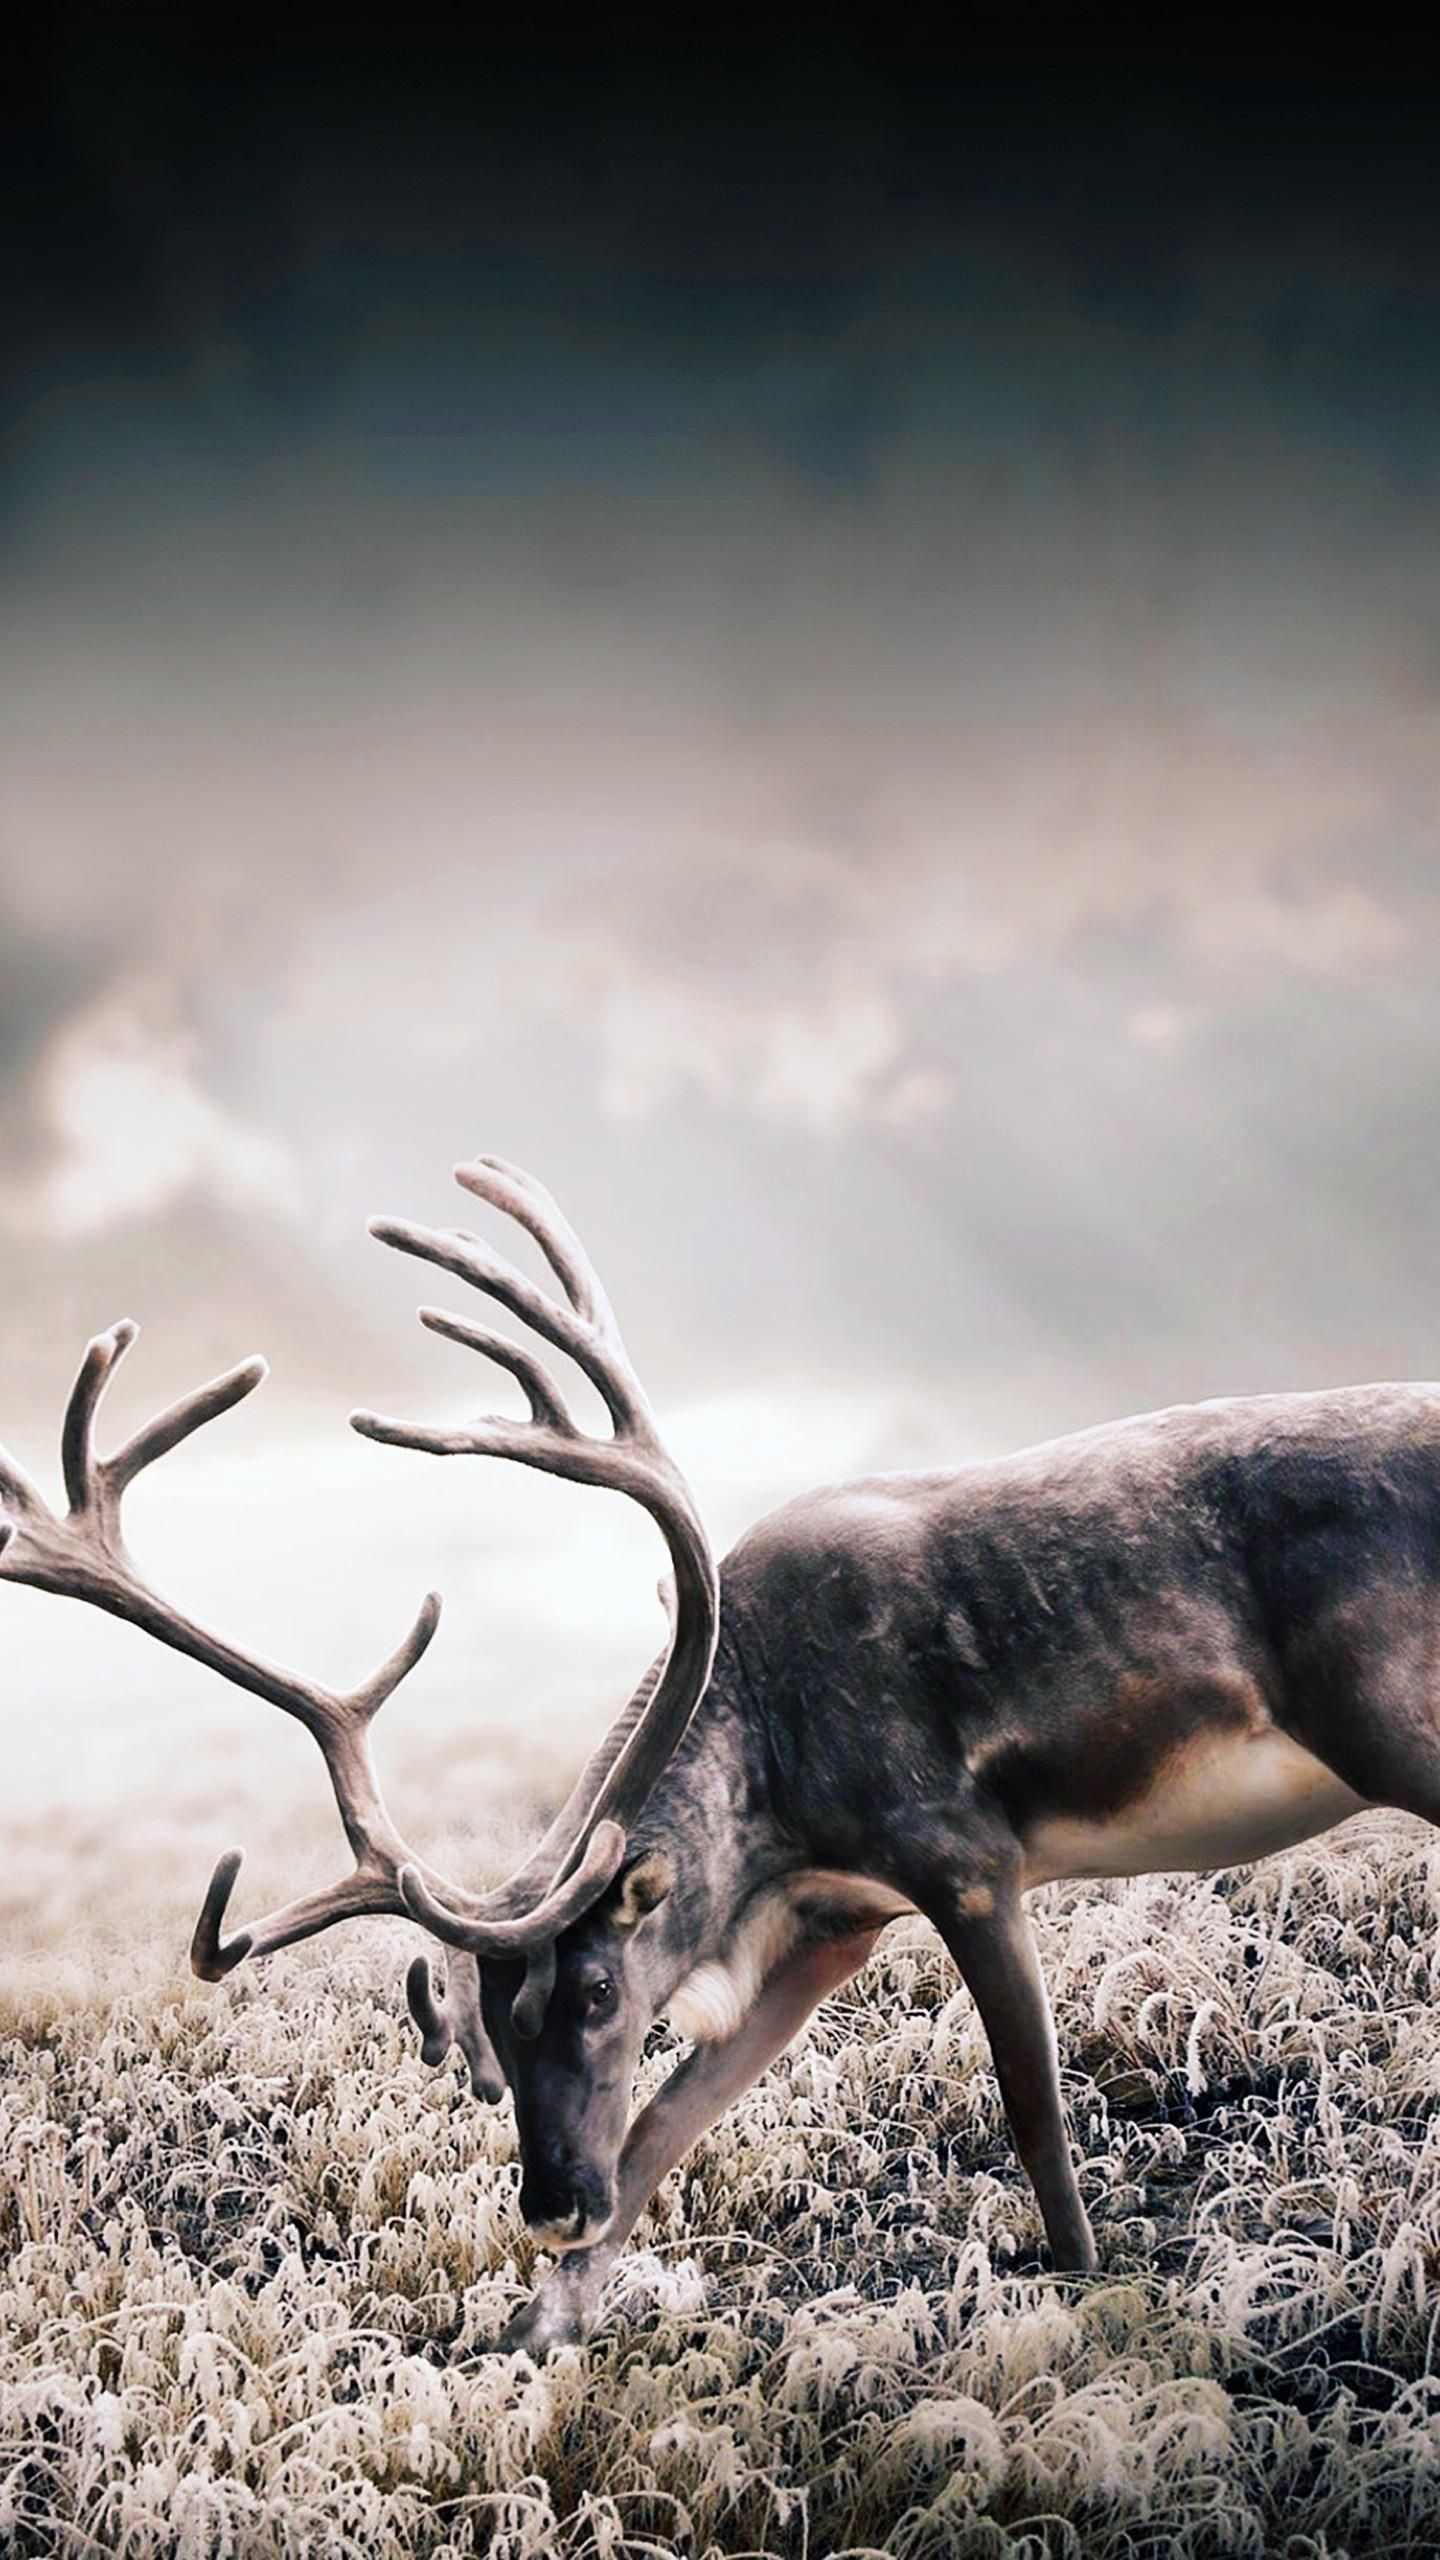 Wild Deer Galaxy S6 Wallpaper 1440x2560 Deer Wallpaper Wild Deer Animals